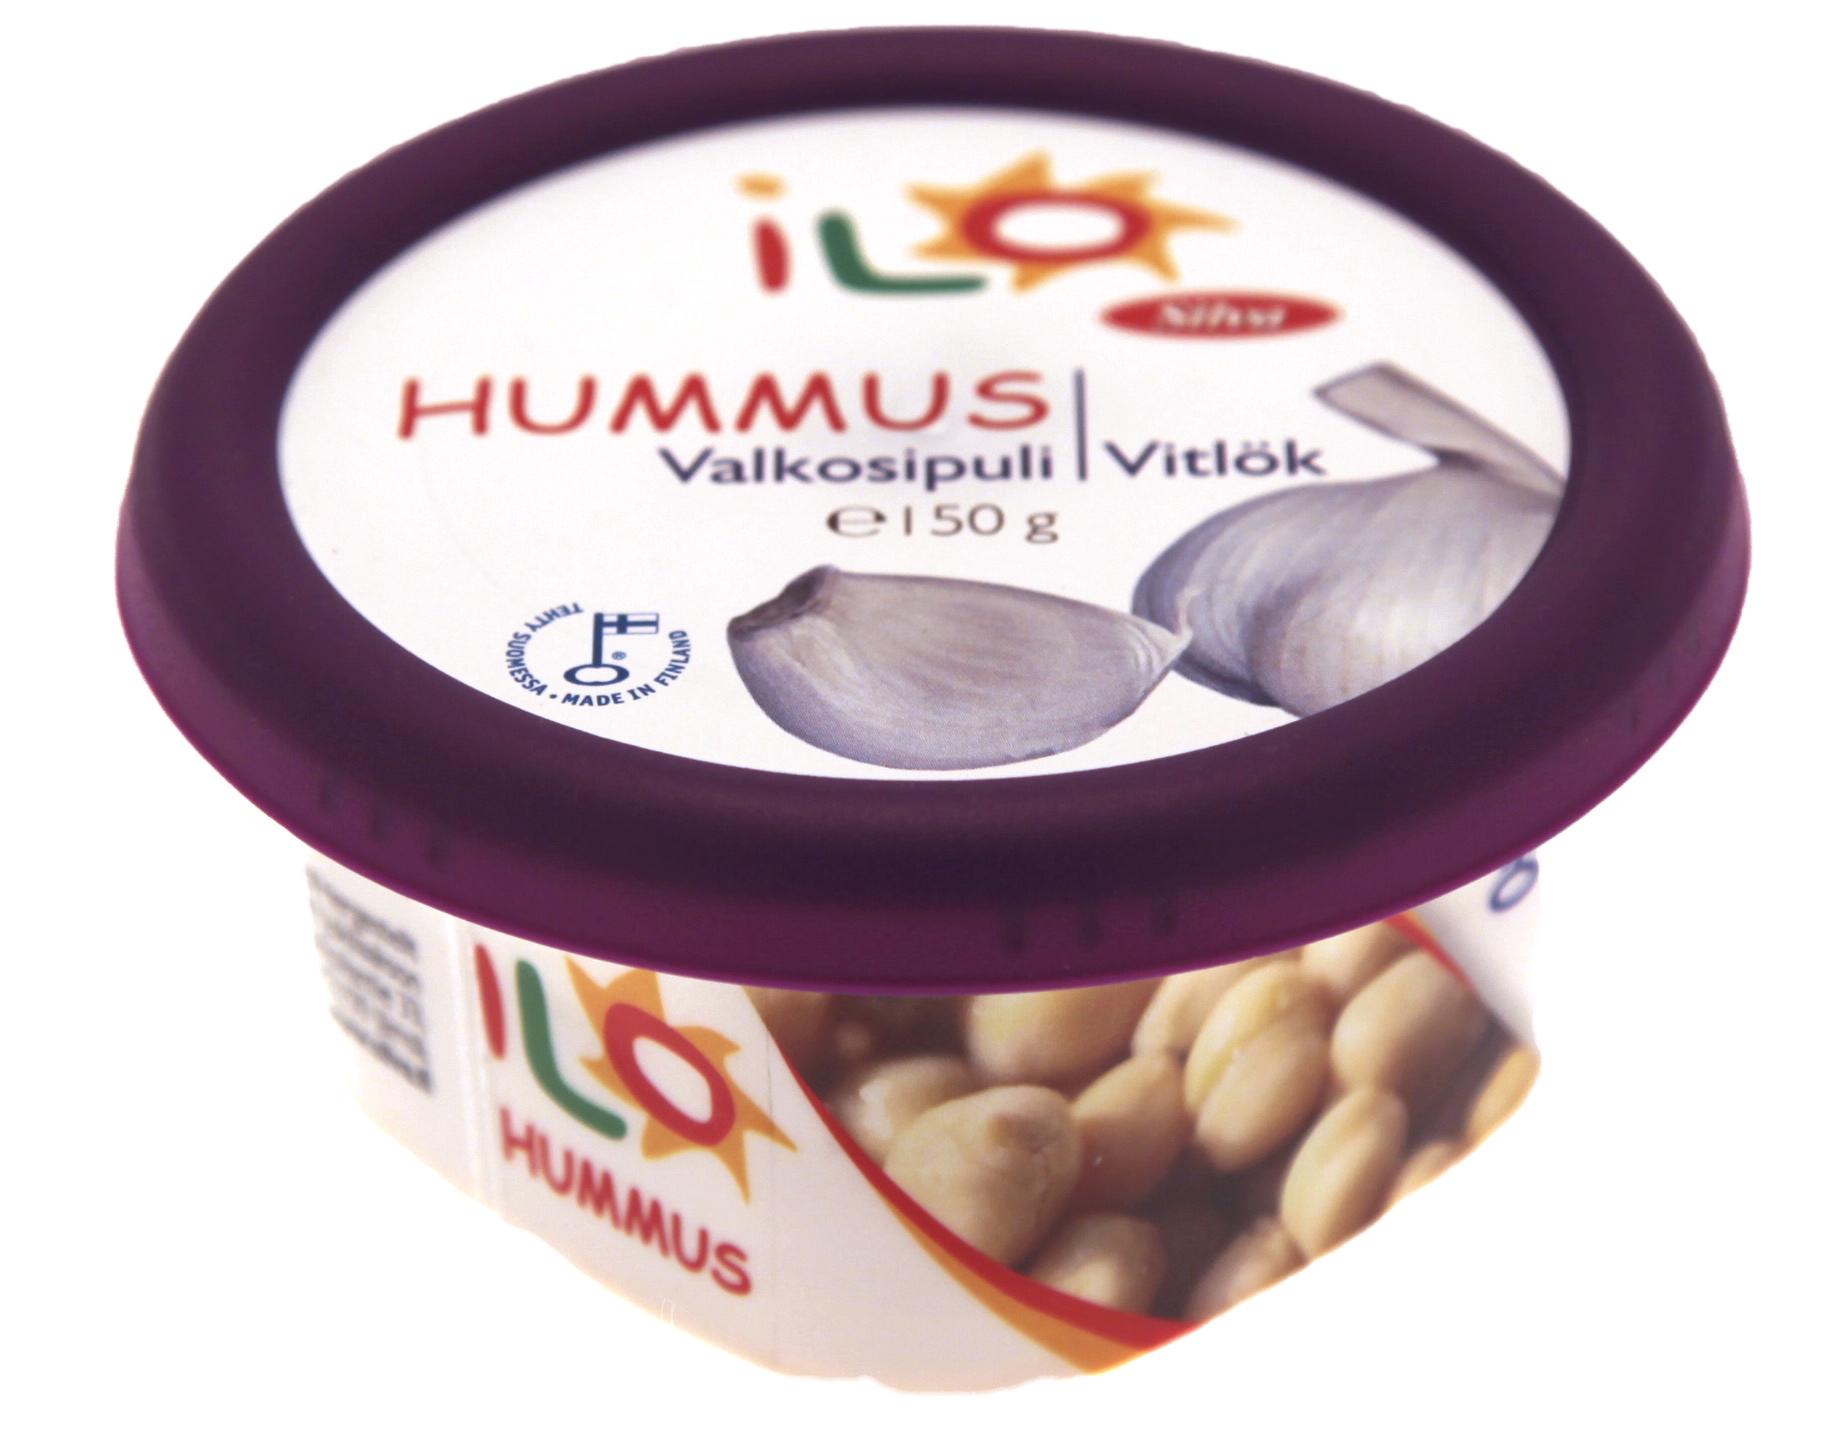 ILO Hummus Valkosipuli